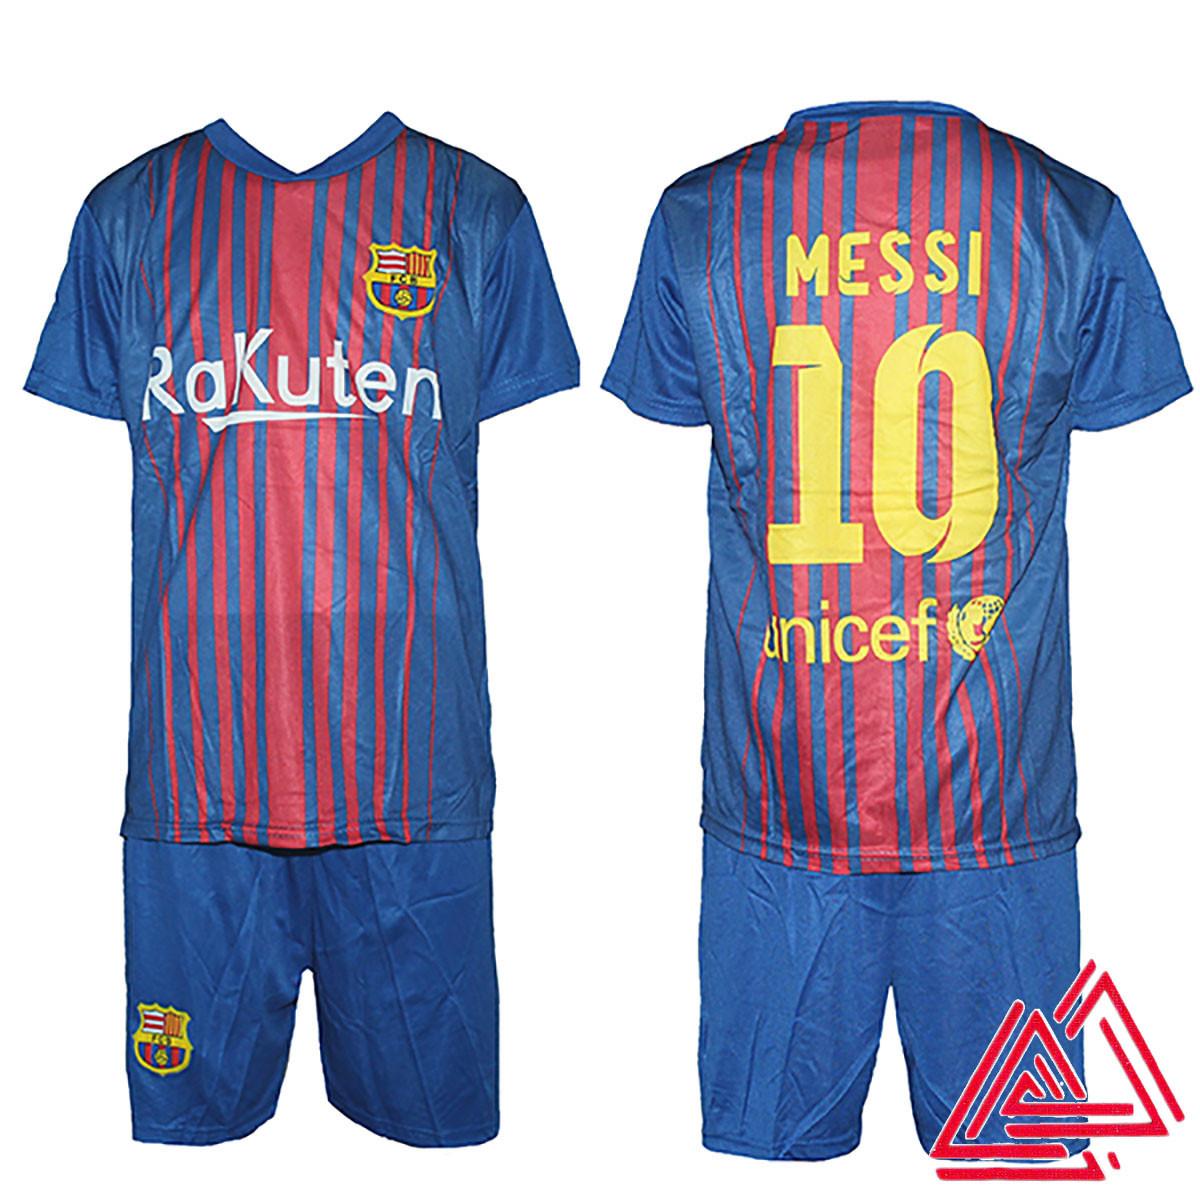 c6855aedc4fd Футбольная спортивная форма для детей ФК Барселона